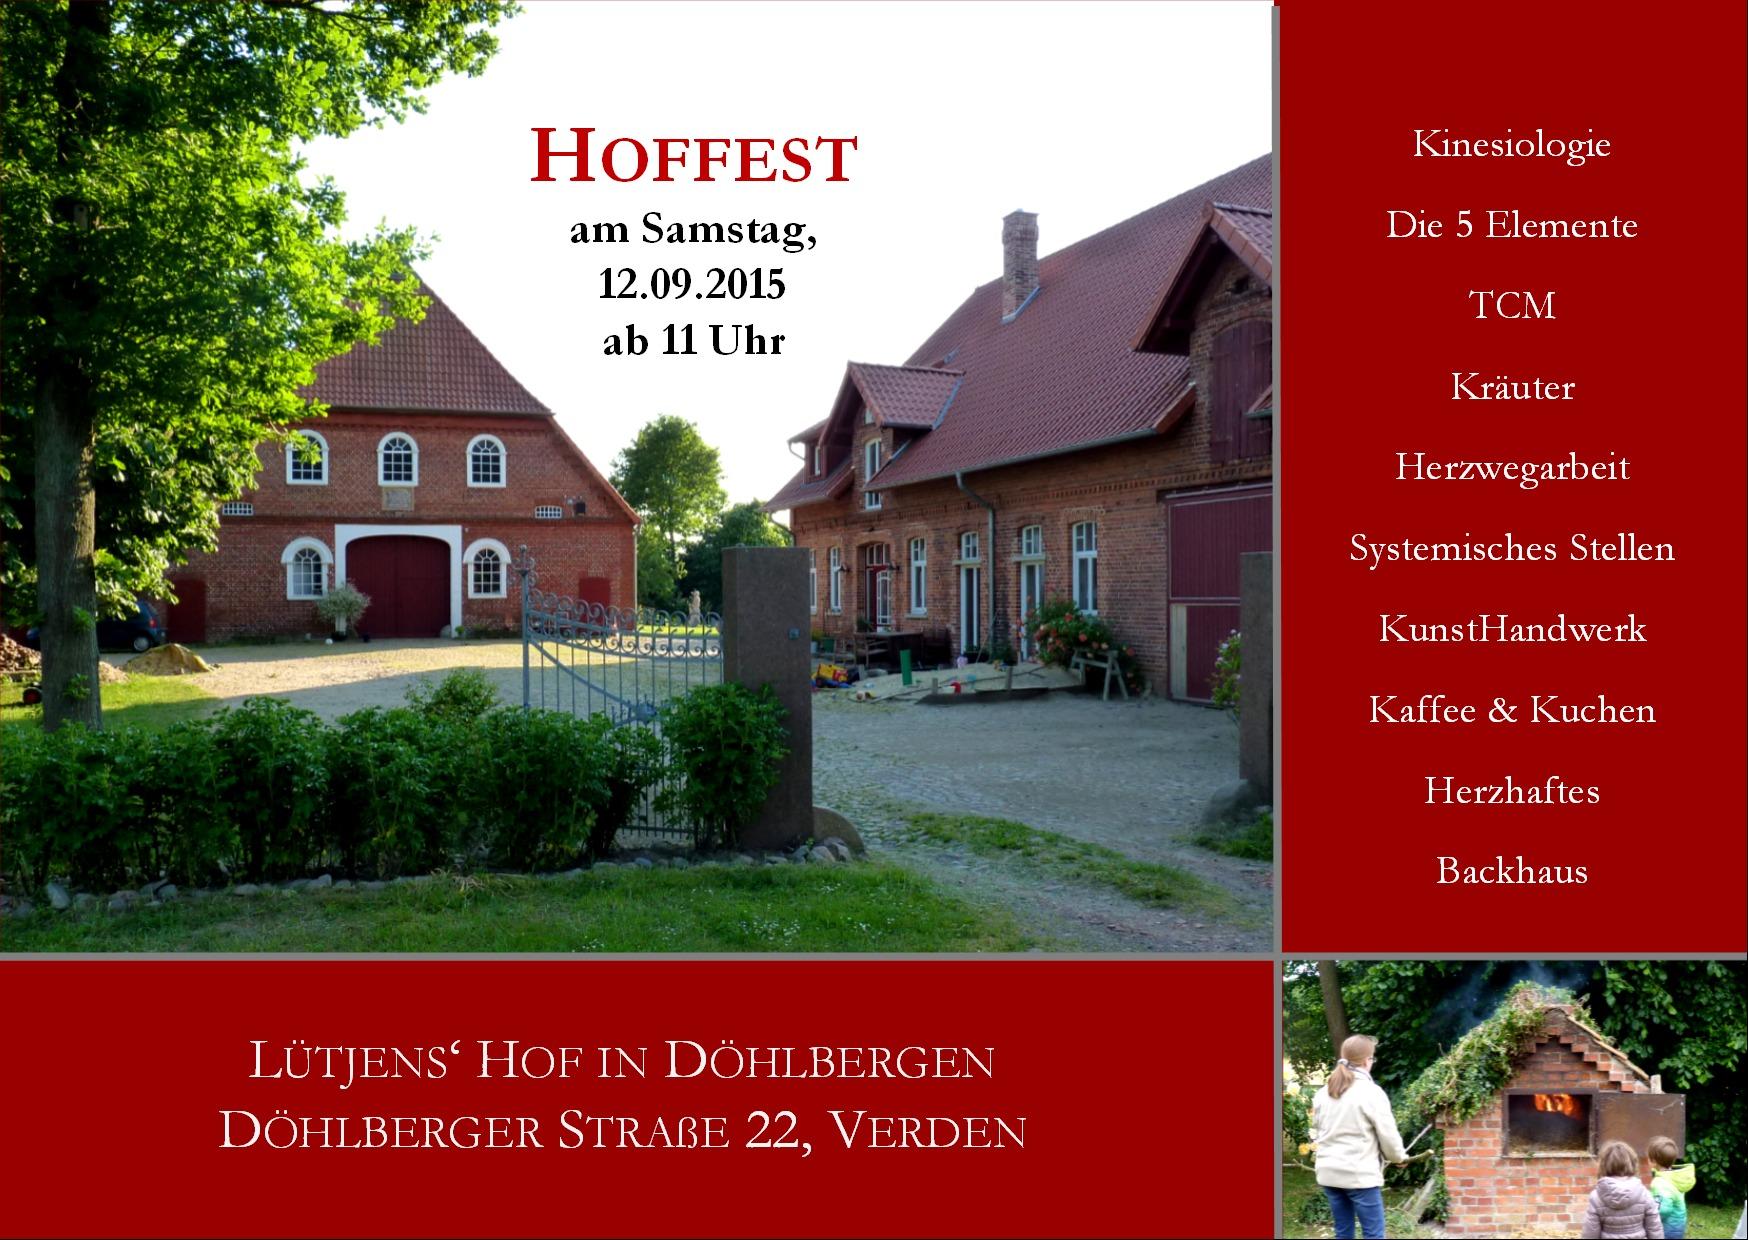 Hoffest 2015